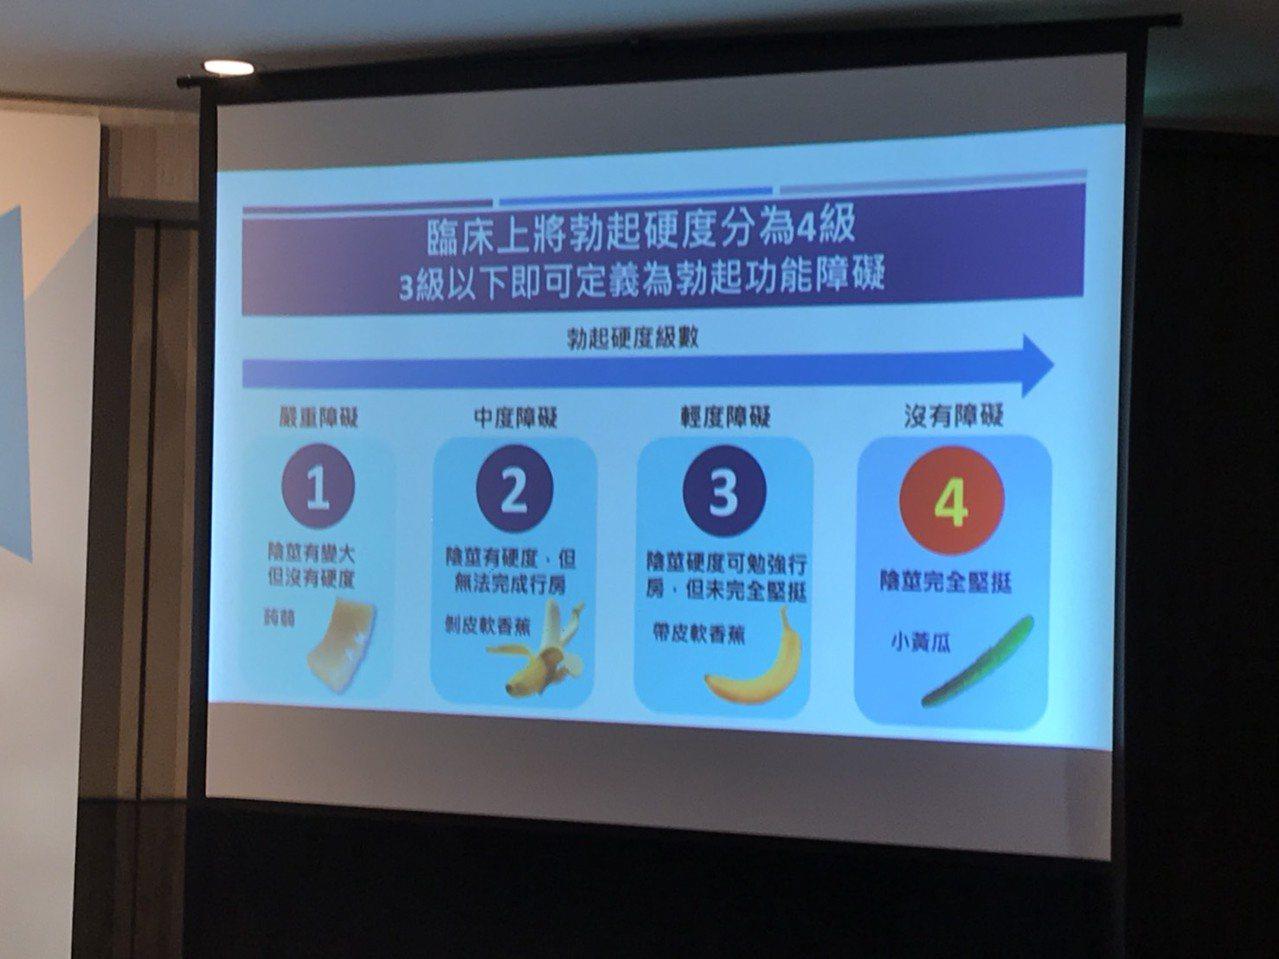 台灣男性醫學會理事長張宏江表示,勃起硬度是整體性愛滿意度的關鍵,臨床上將男性的勃...